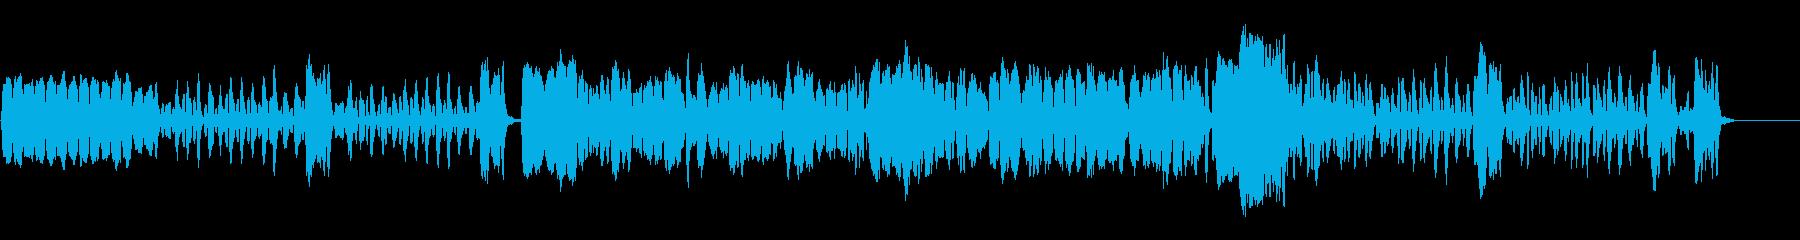 軽快なリコーダー曲の再生済みの波形